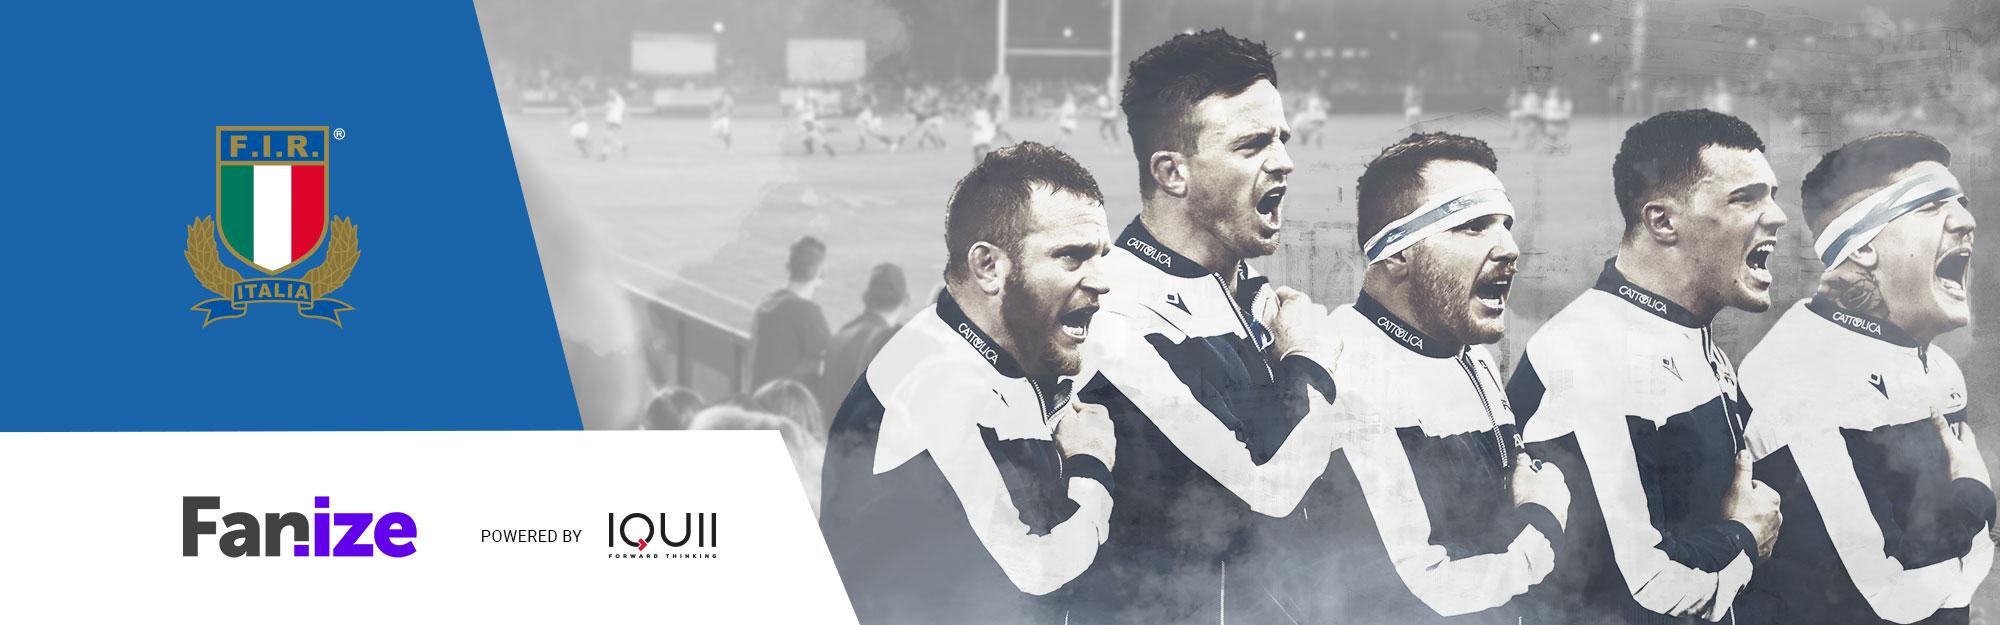 FIR e IQUII lanciano Fanize sui canali del rugby italiano subito in palio un'esperienza unica in vista dell'Inghilterra